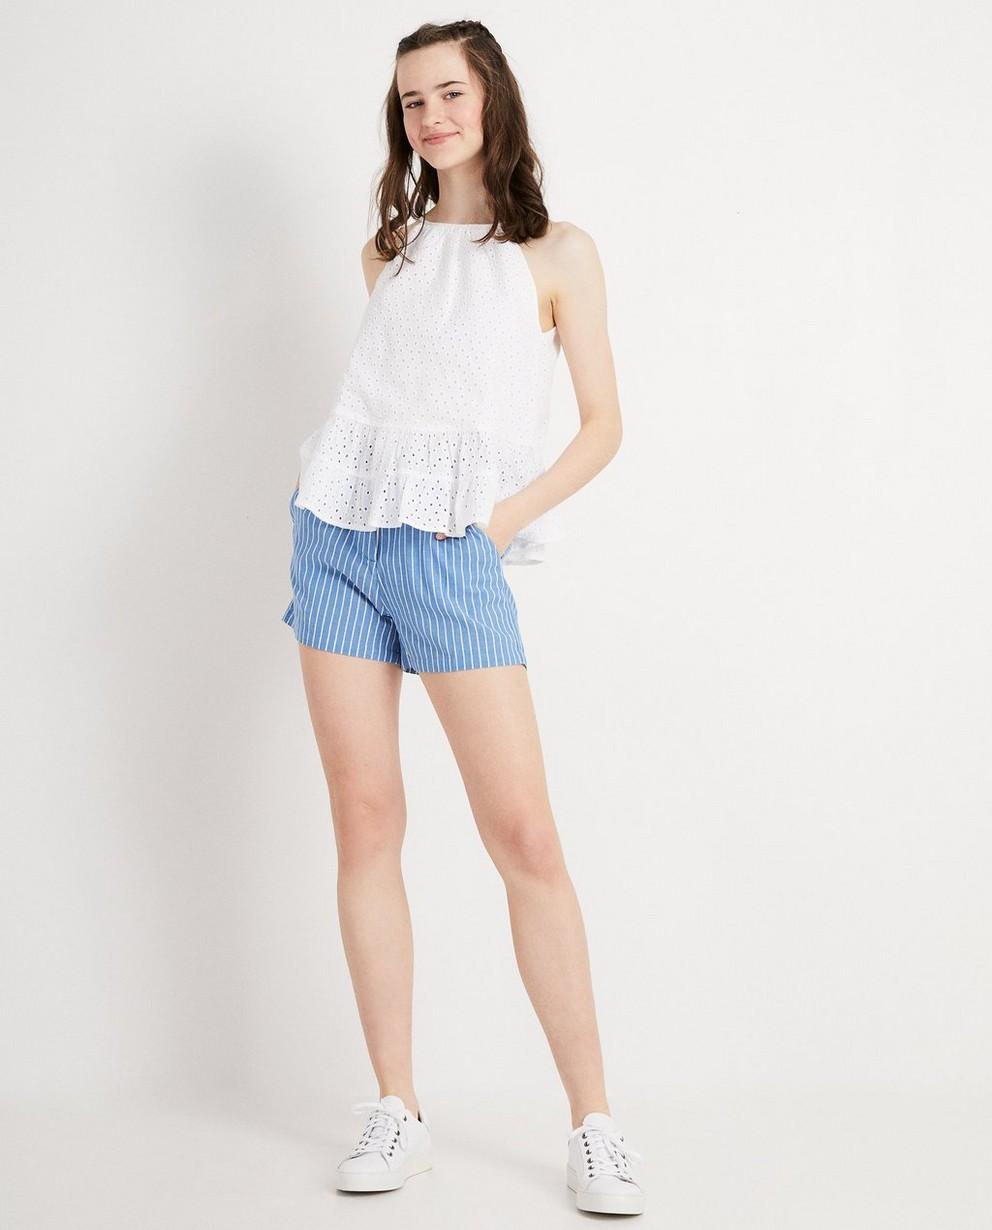 Lichtblauwe short met strepen - pin stripes - Groggy